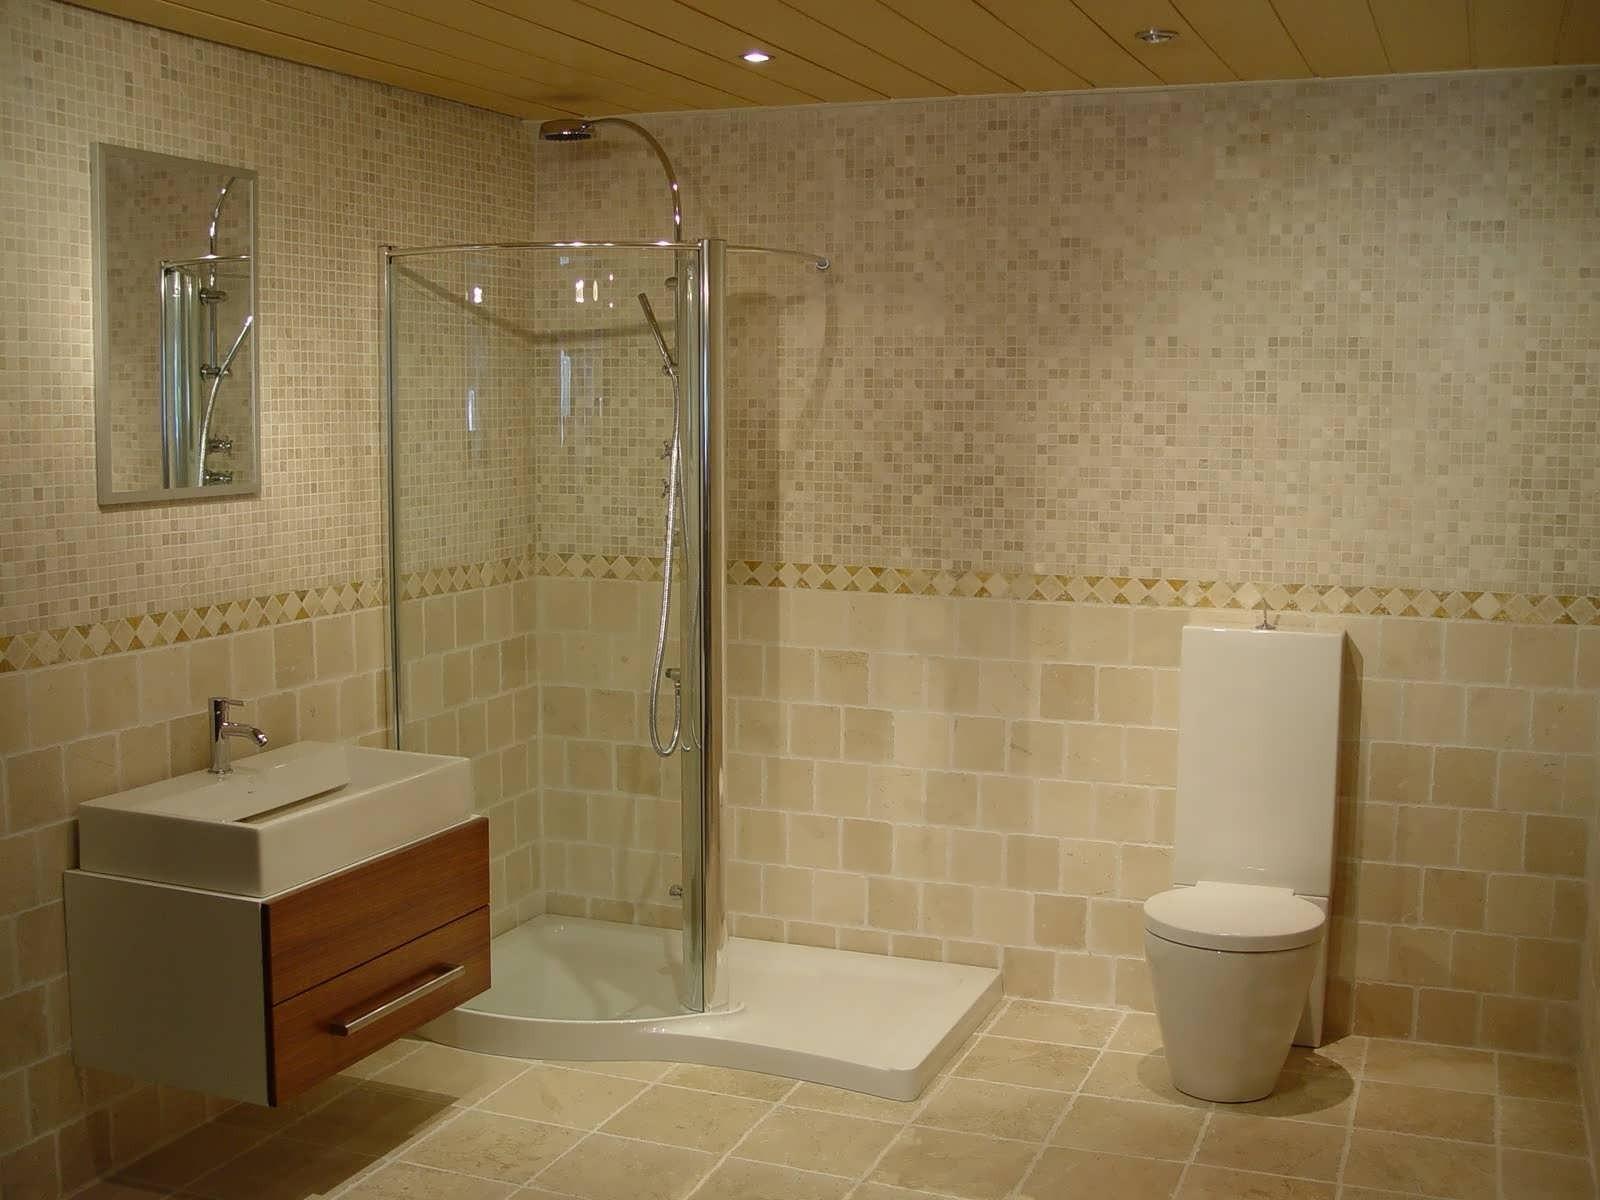 افرادی که به یبوست مبتلا هستند، بهتر است از این نوع توالت استفاده نکنند.